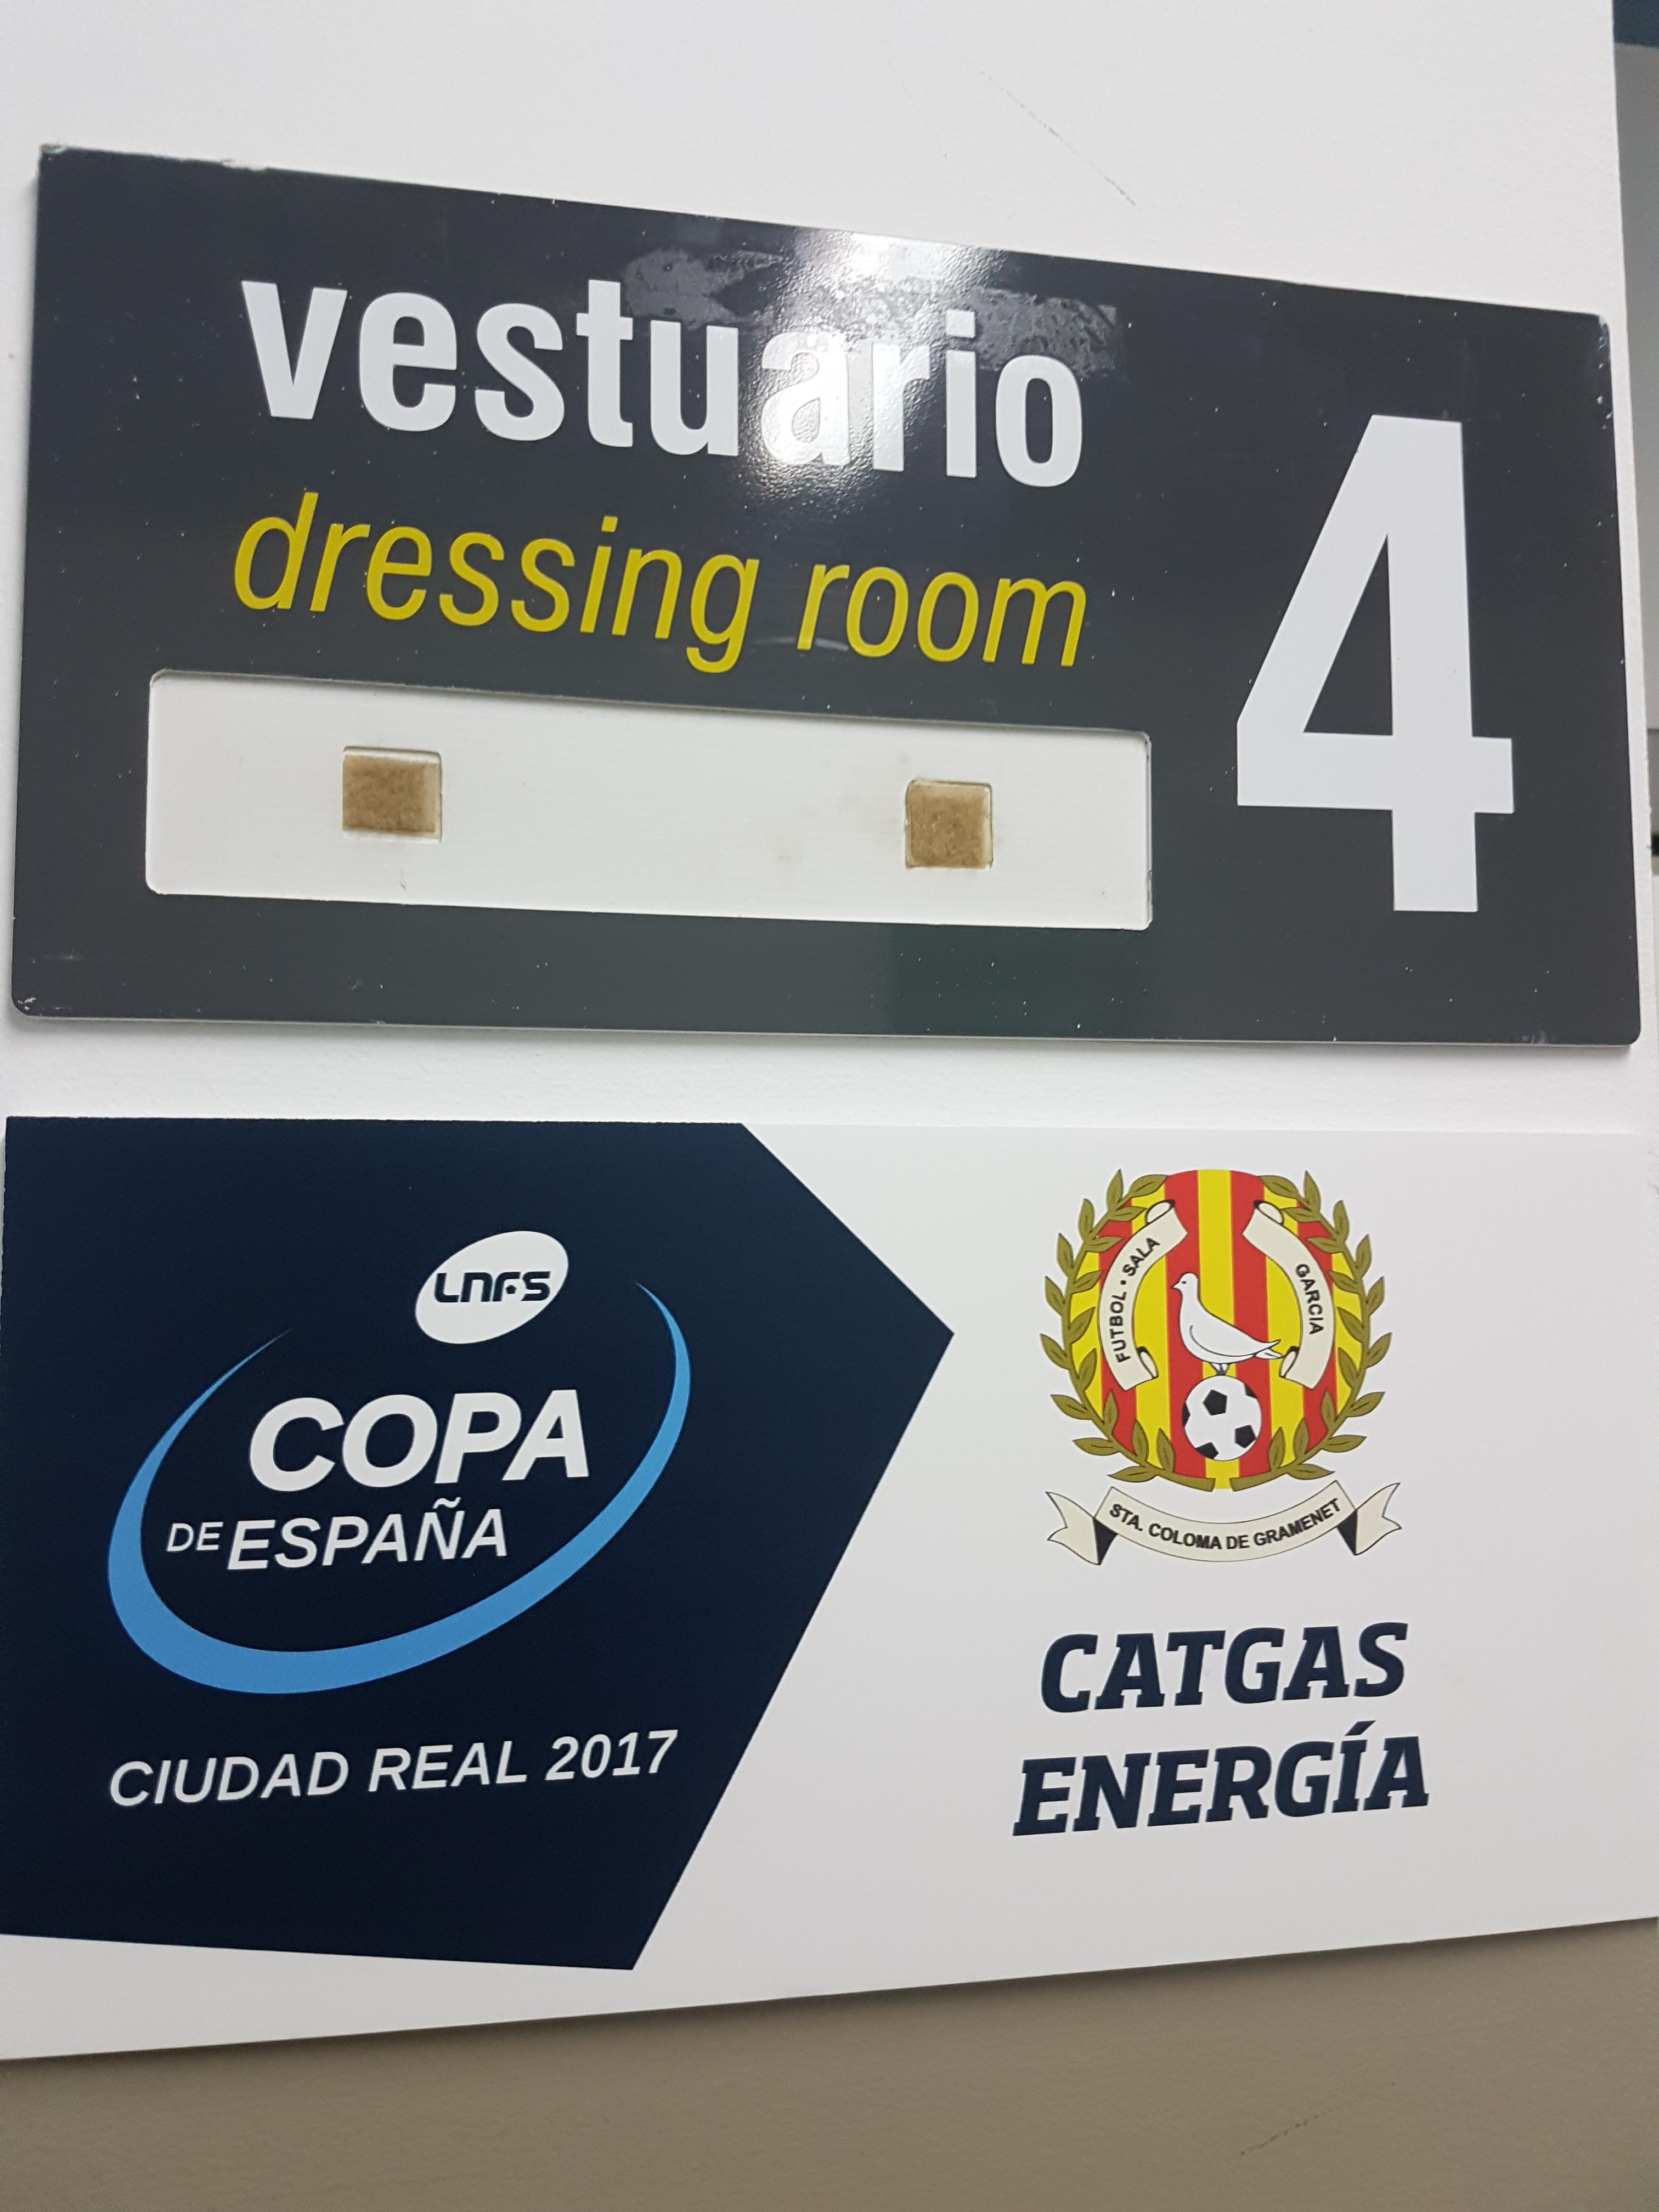 Trabajo psicológico. Minicopa de España de Futbol Sala @fsgarcia @LNFS89 #sebuscanvalientes